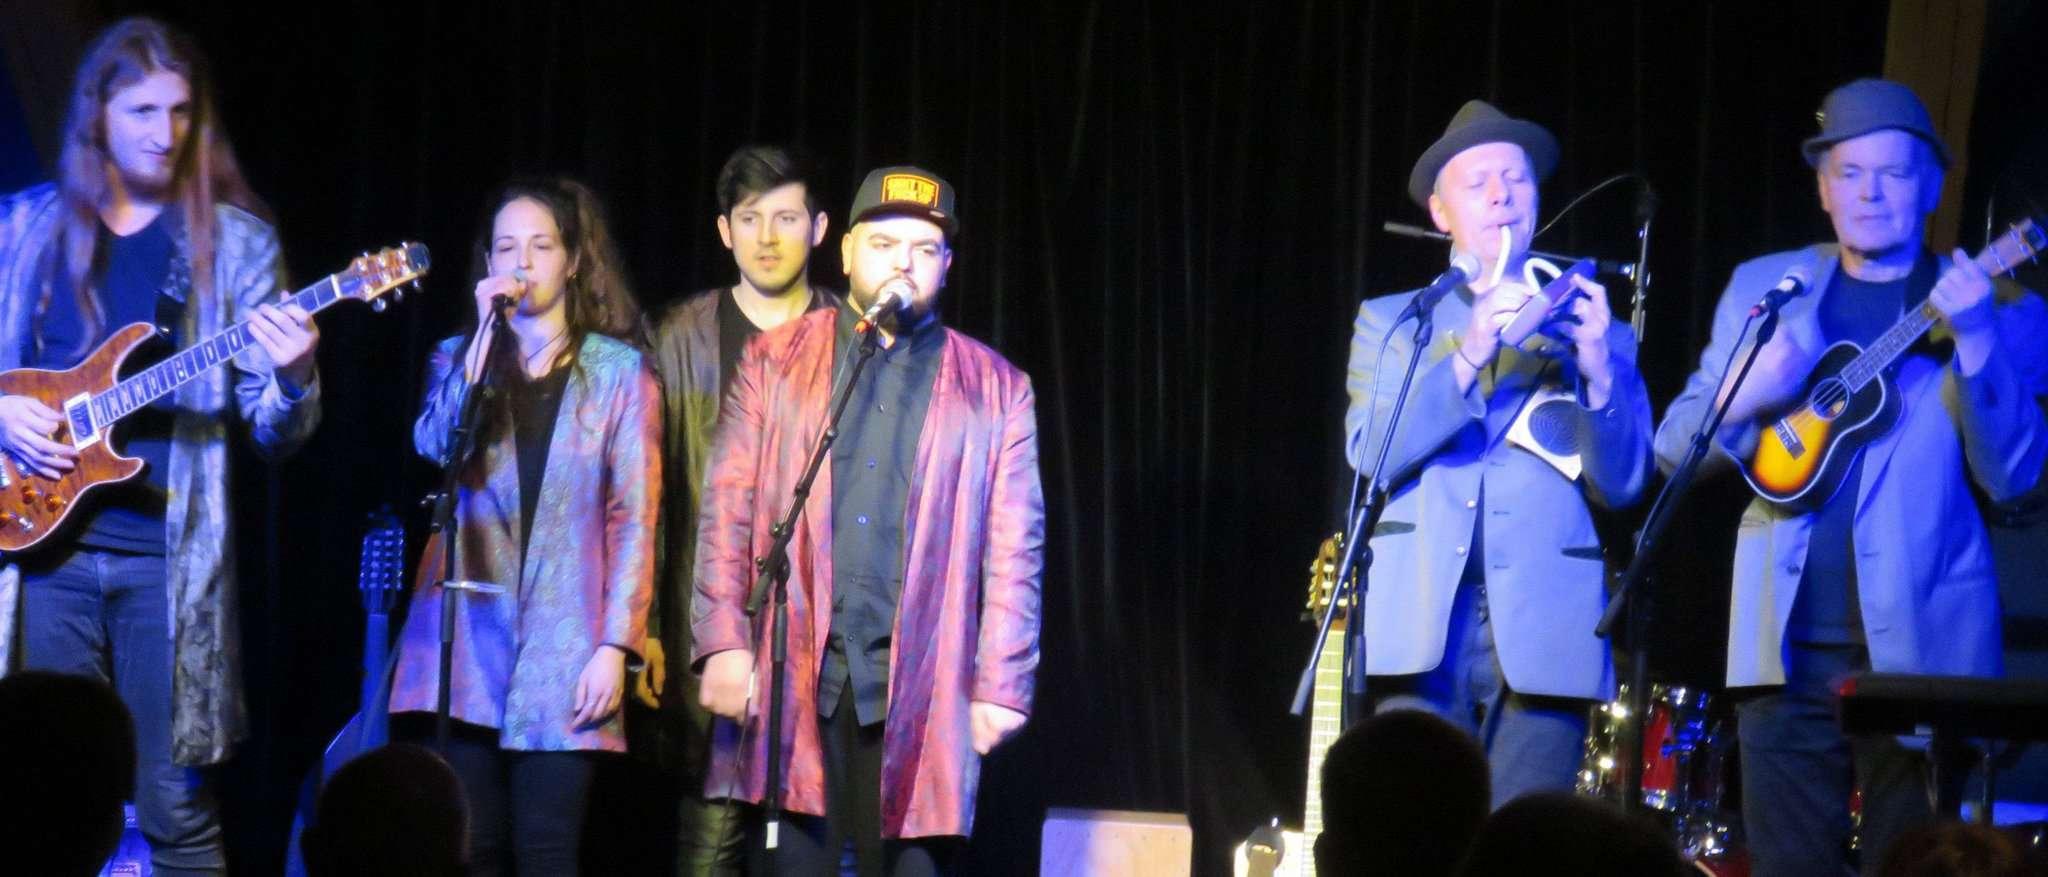 Pago Balke (rechts) und die fabelhaften Zollhausboys gastierten mit der Sängerin Selin Demirkan vor einem restlos begeisterten Publikum.  Foto: Elke Keppler-Rosenau